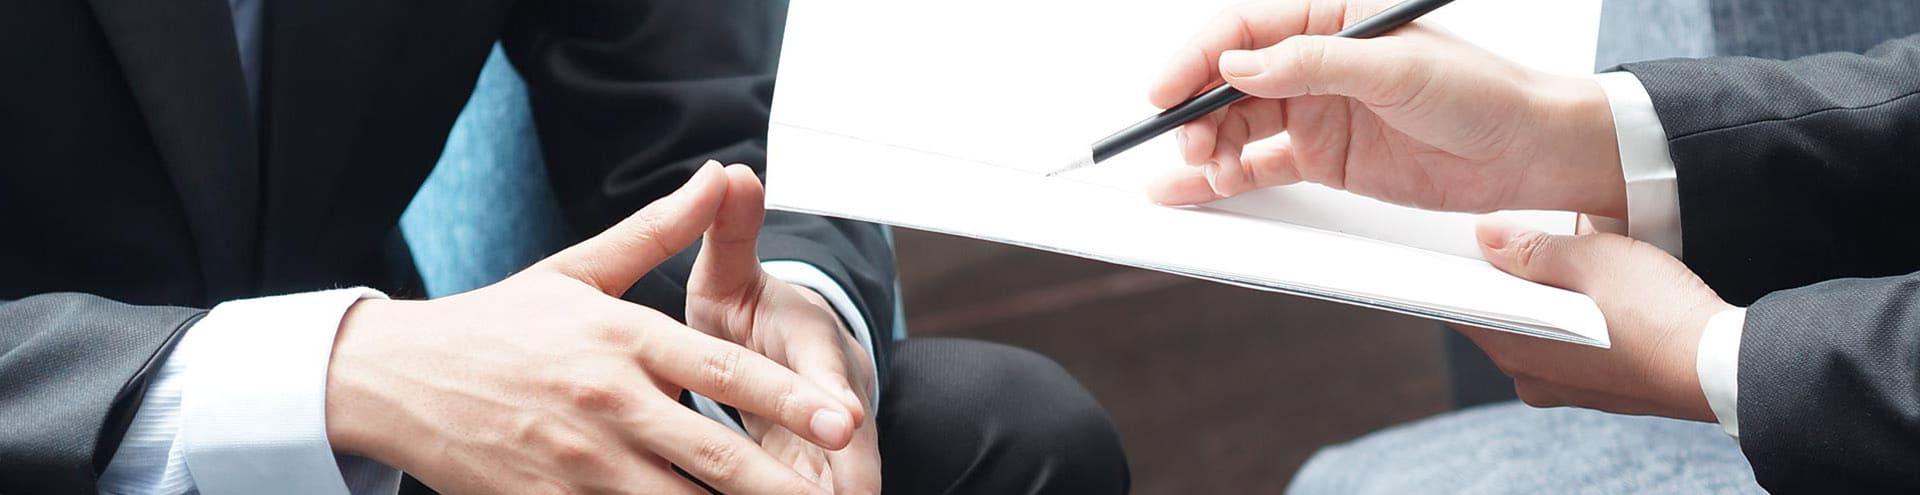 гарантии оказания юридических услуг в Самаре